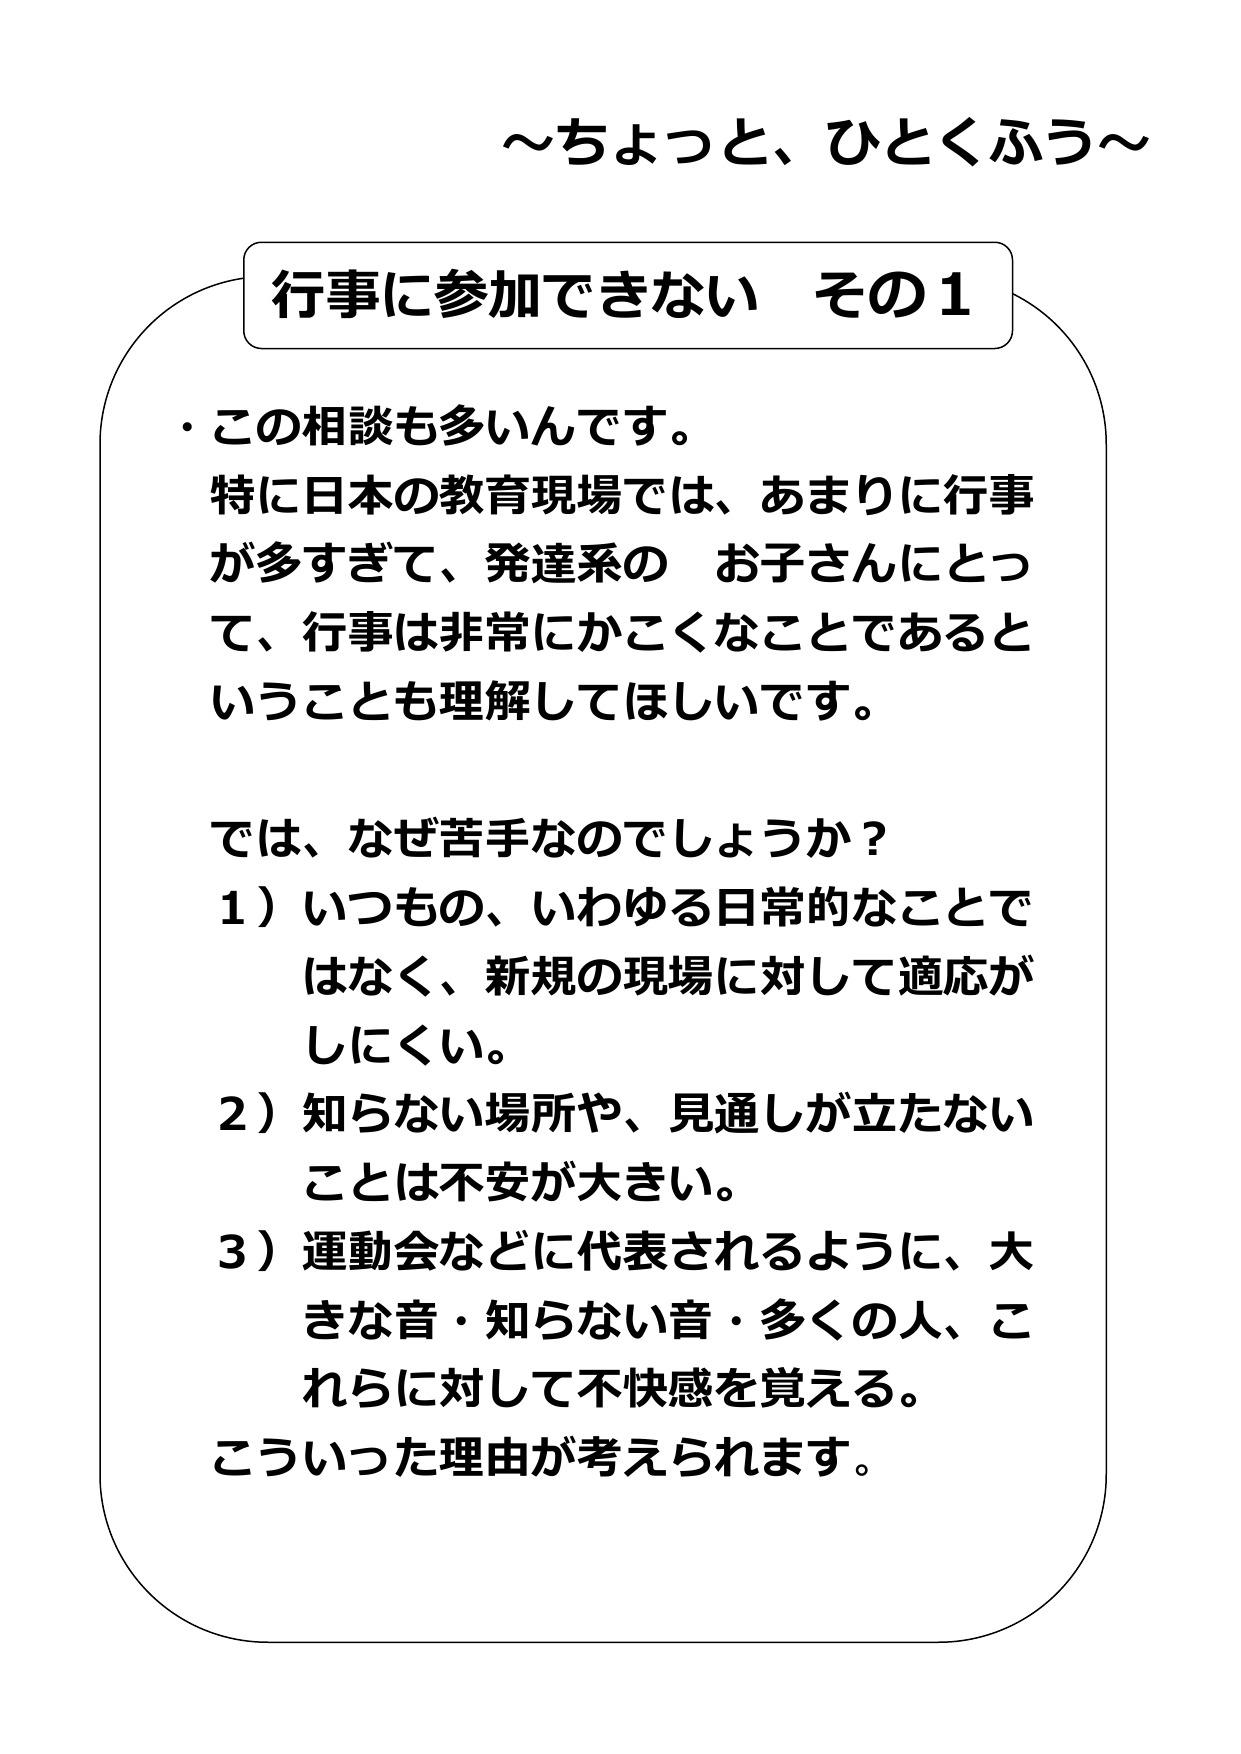 20141113173918afe.jpg